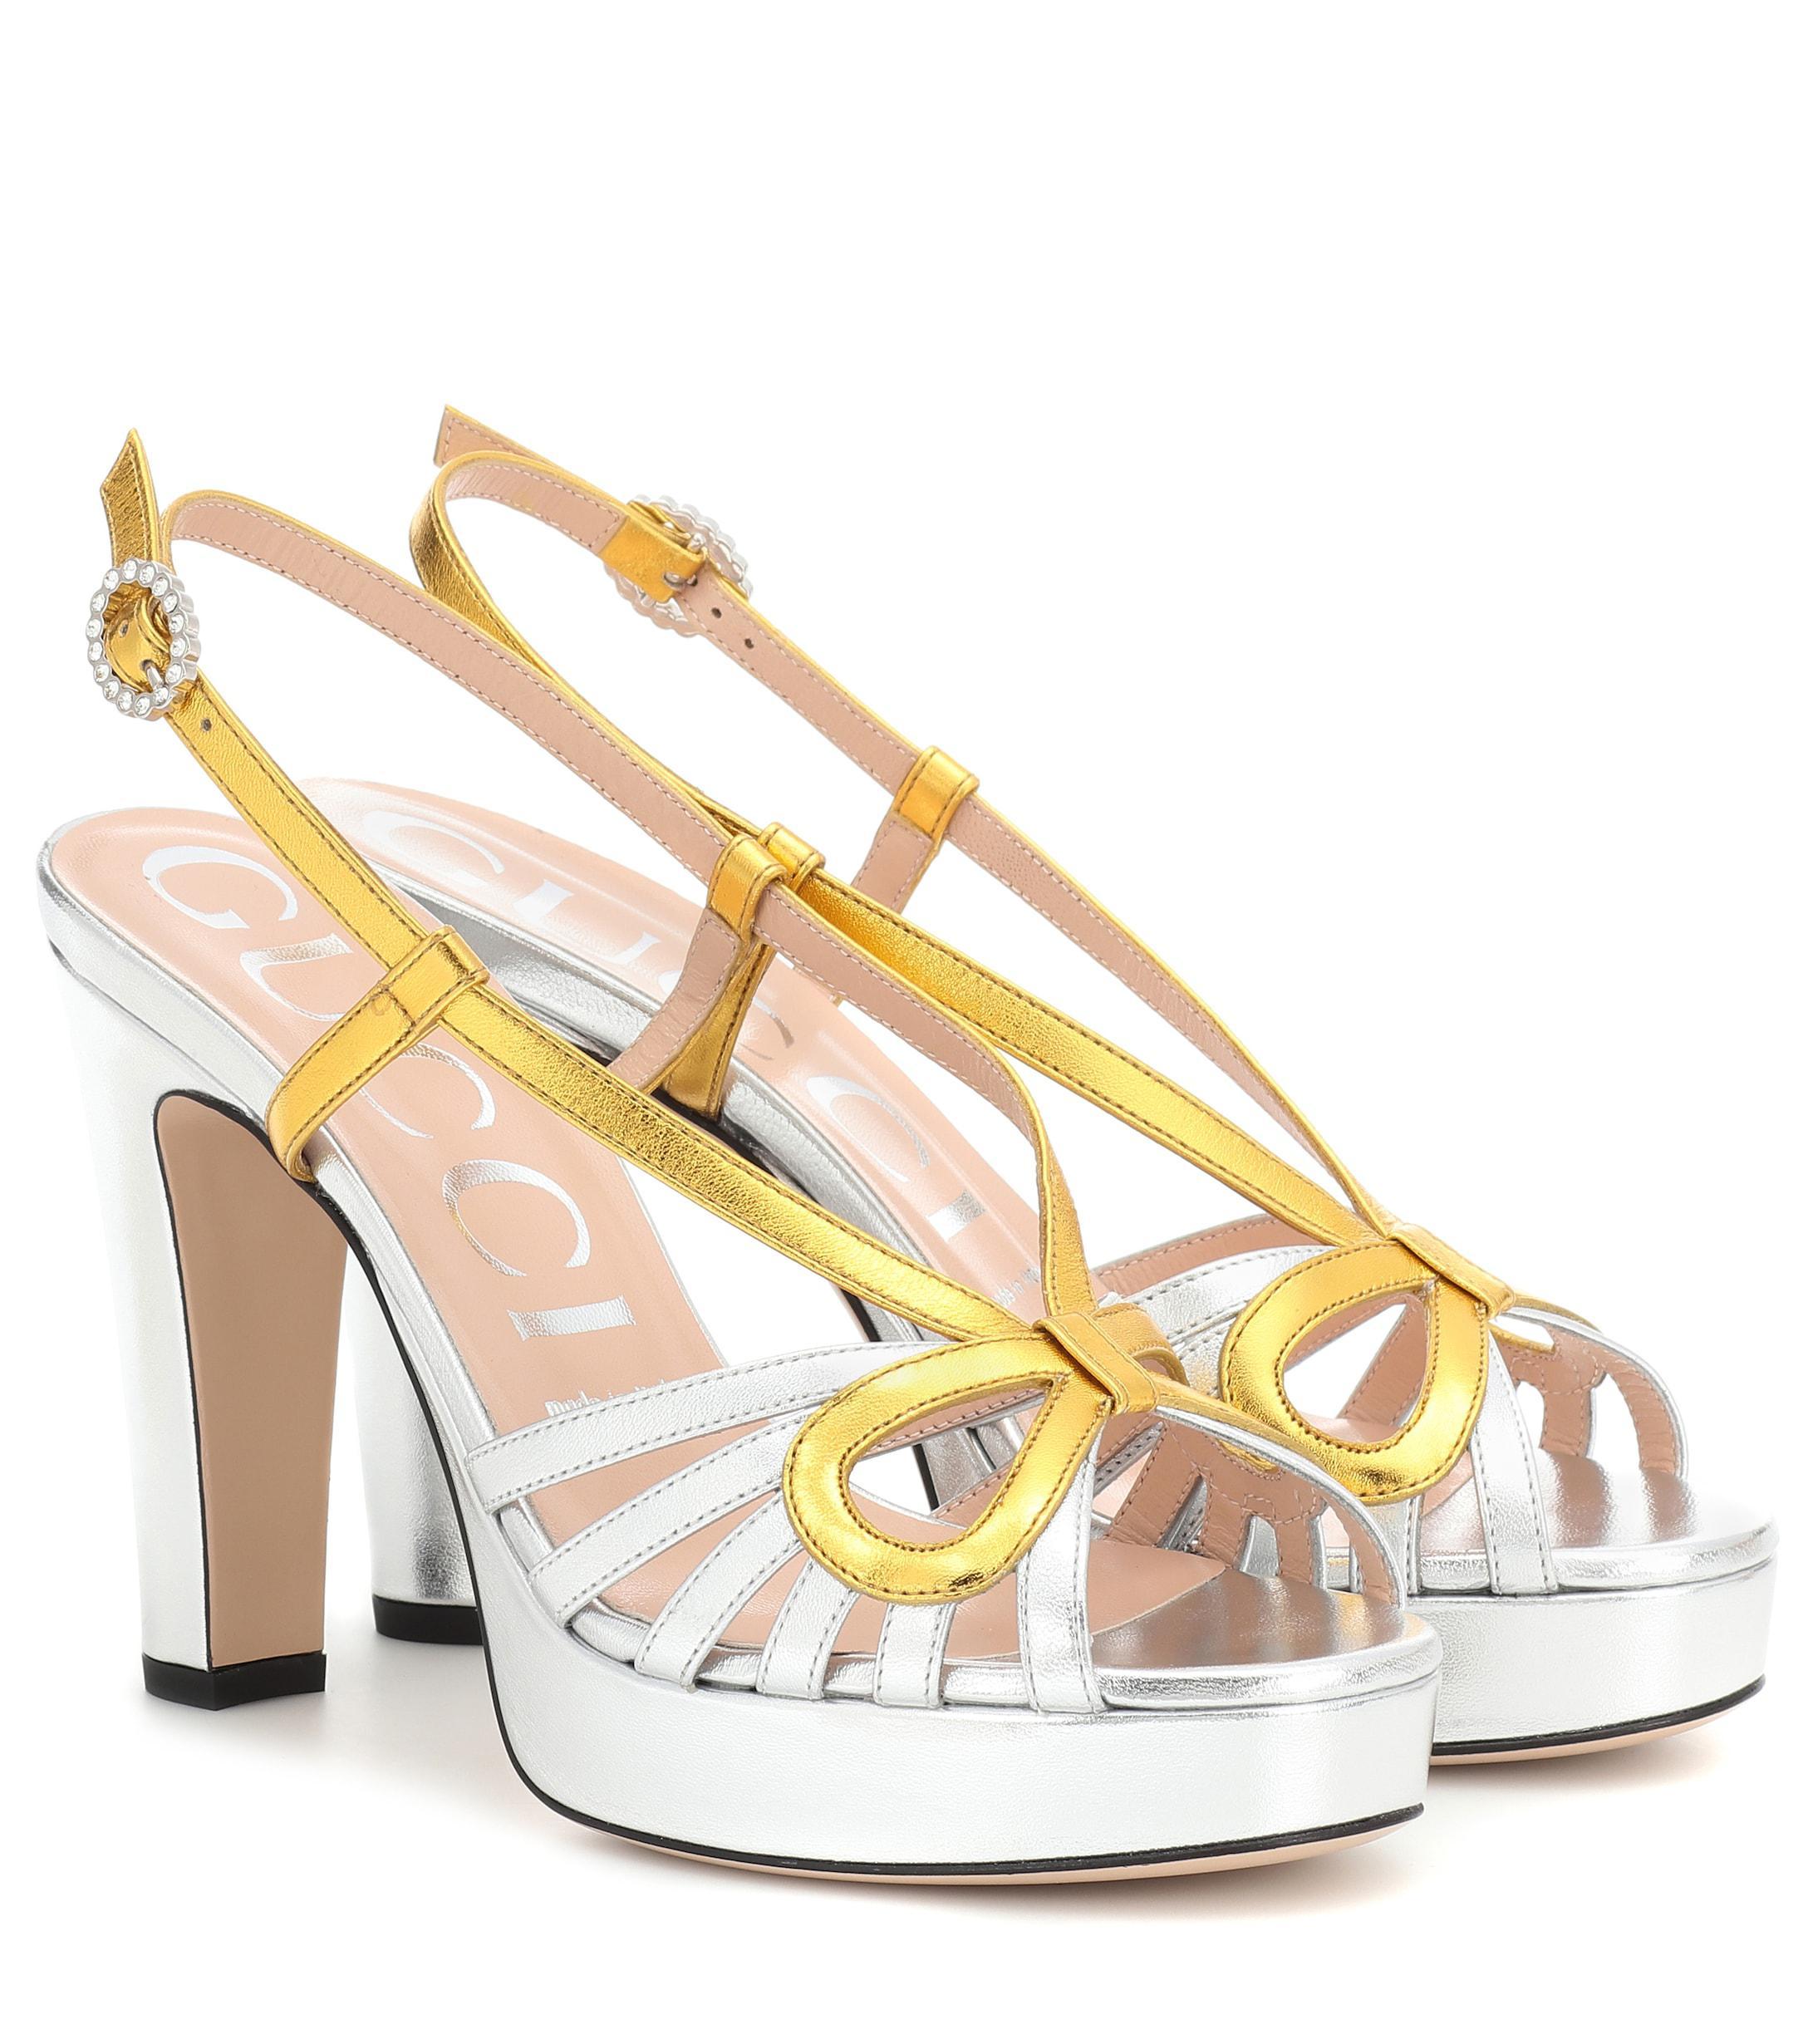 Lyst - Sandalias con plataforma de pìel Gucci de color Metálico 6ffd27b7558